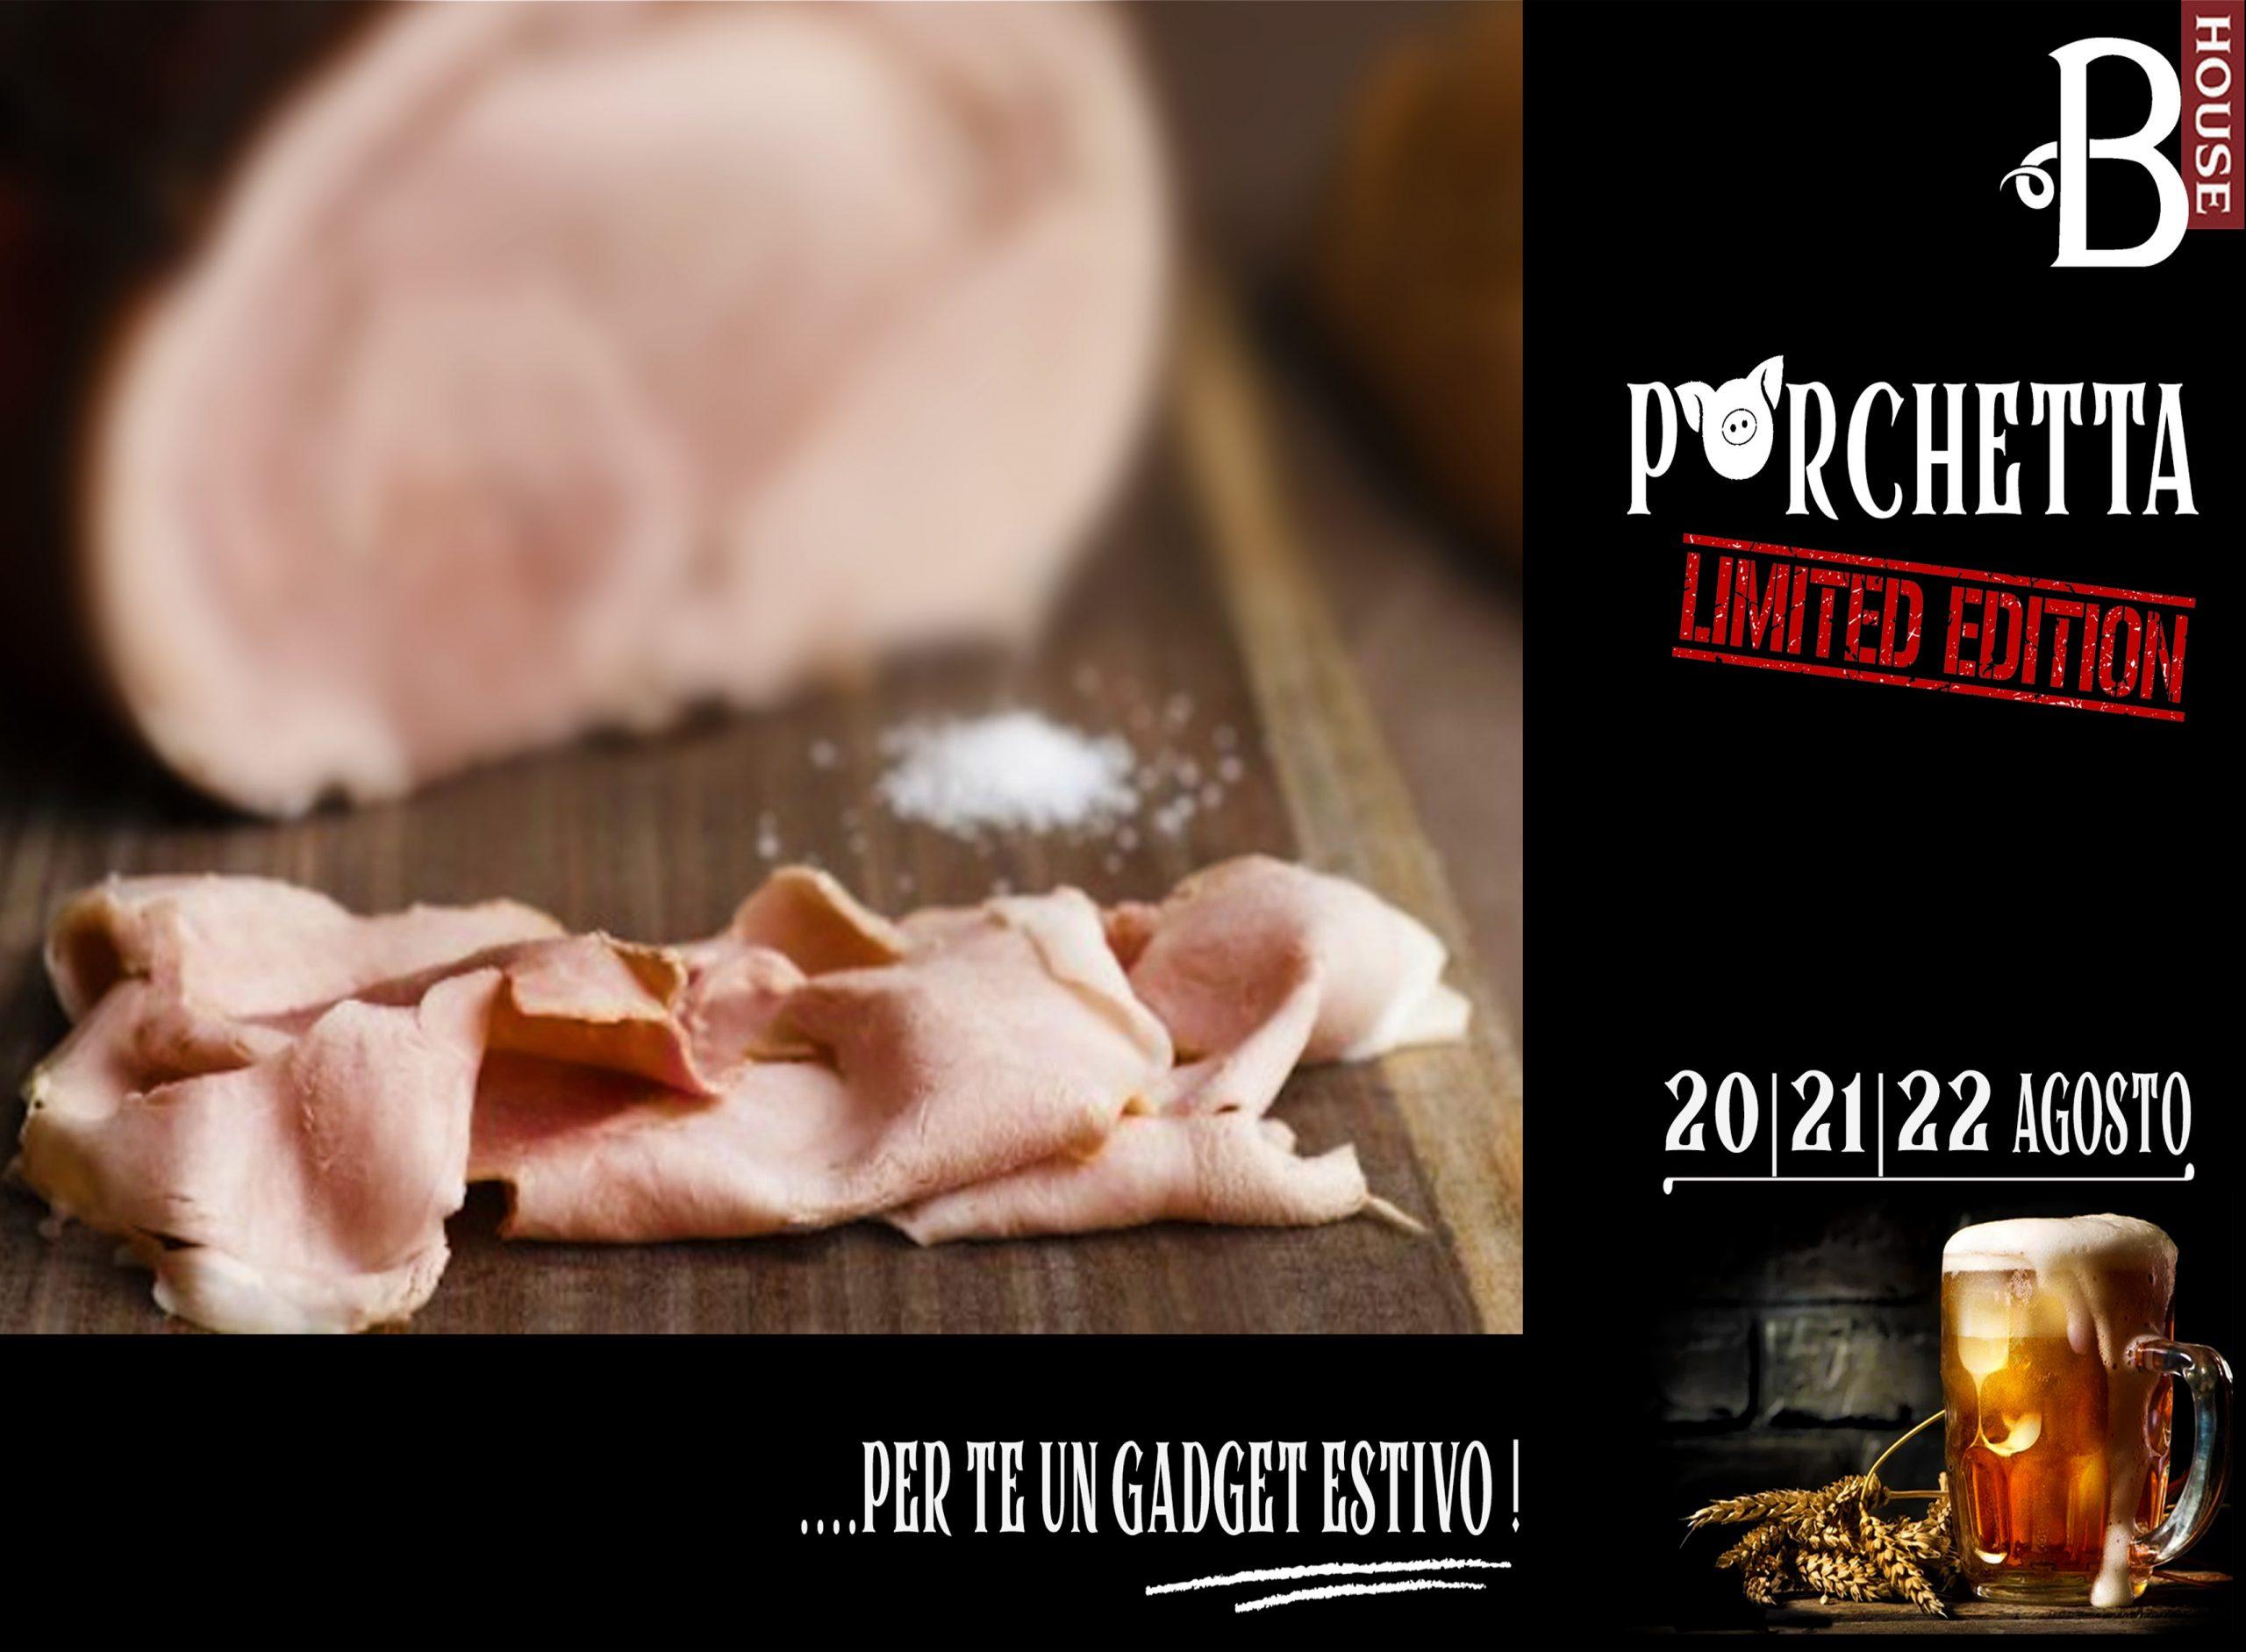 Porchetta ltd edition v2 local sito